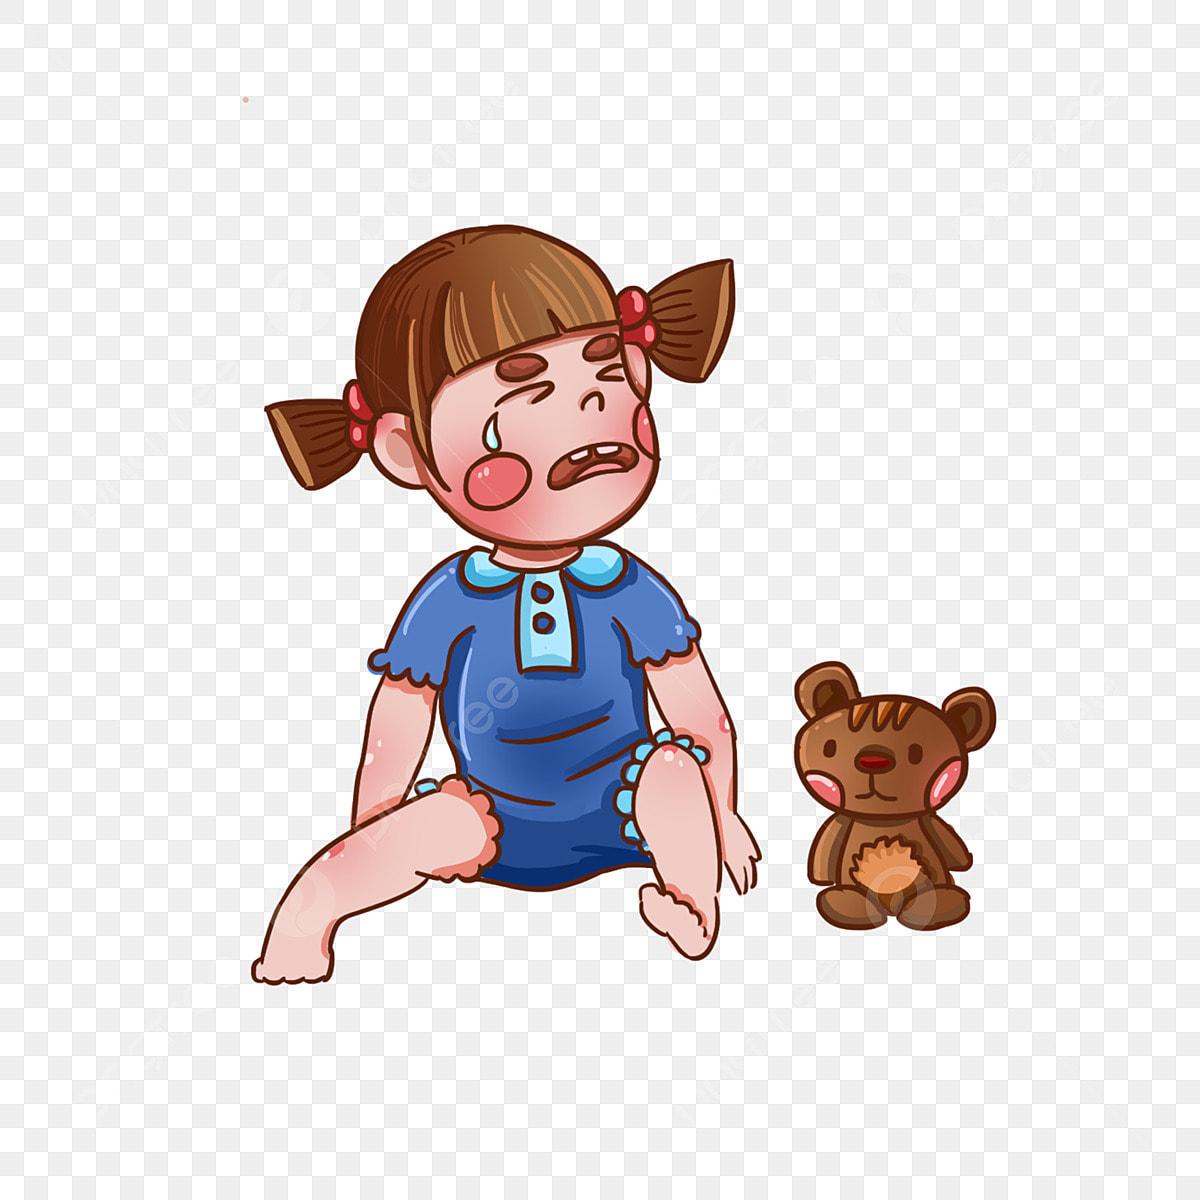 Gambar Kartun Wanita Yang Lagi Sedih Gambar Gambar Gadis Kecil Yang Menangis Sedih Gambar Gadis Kecil Yang Menangis Sedih Kanak Kanak Kanak Kanak Kecil Png Dan Psd Untuk Muat Turun Percuma